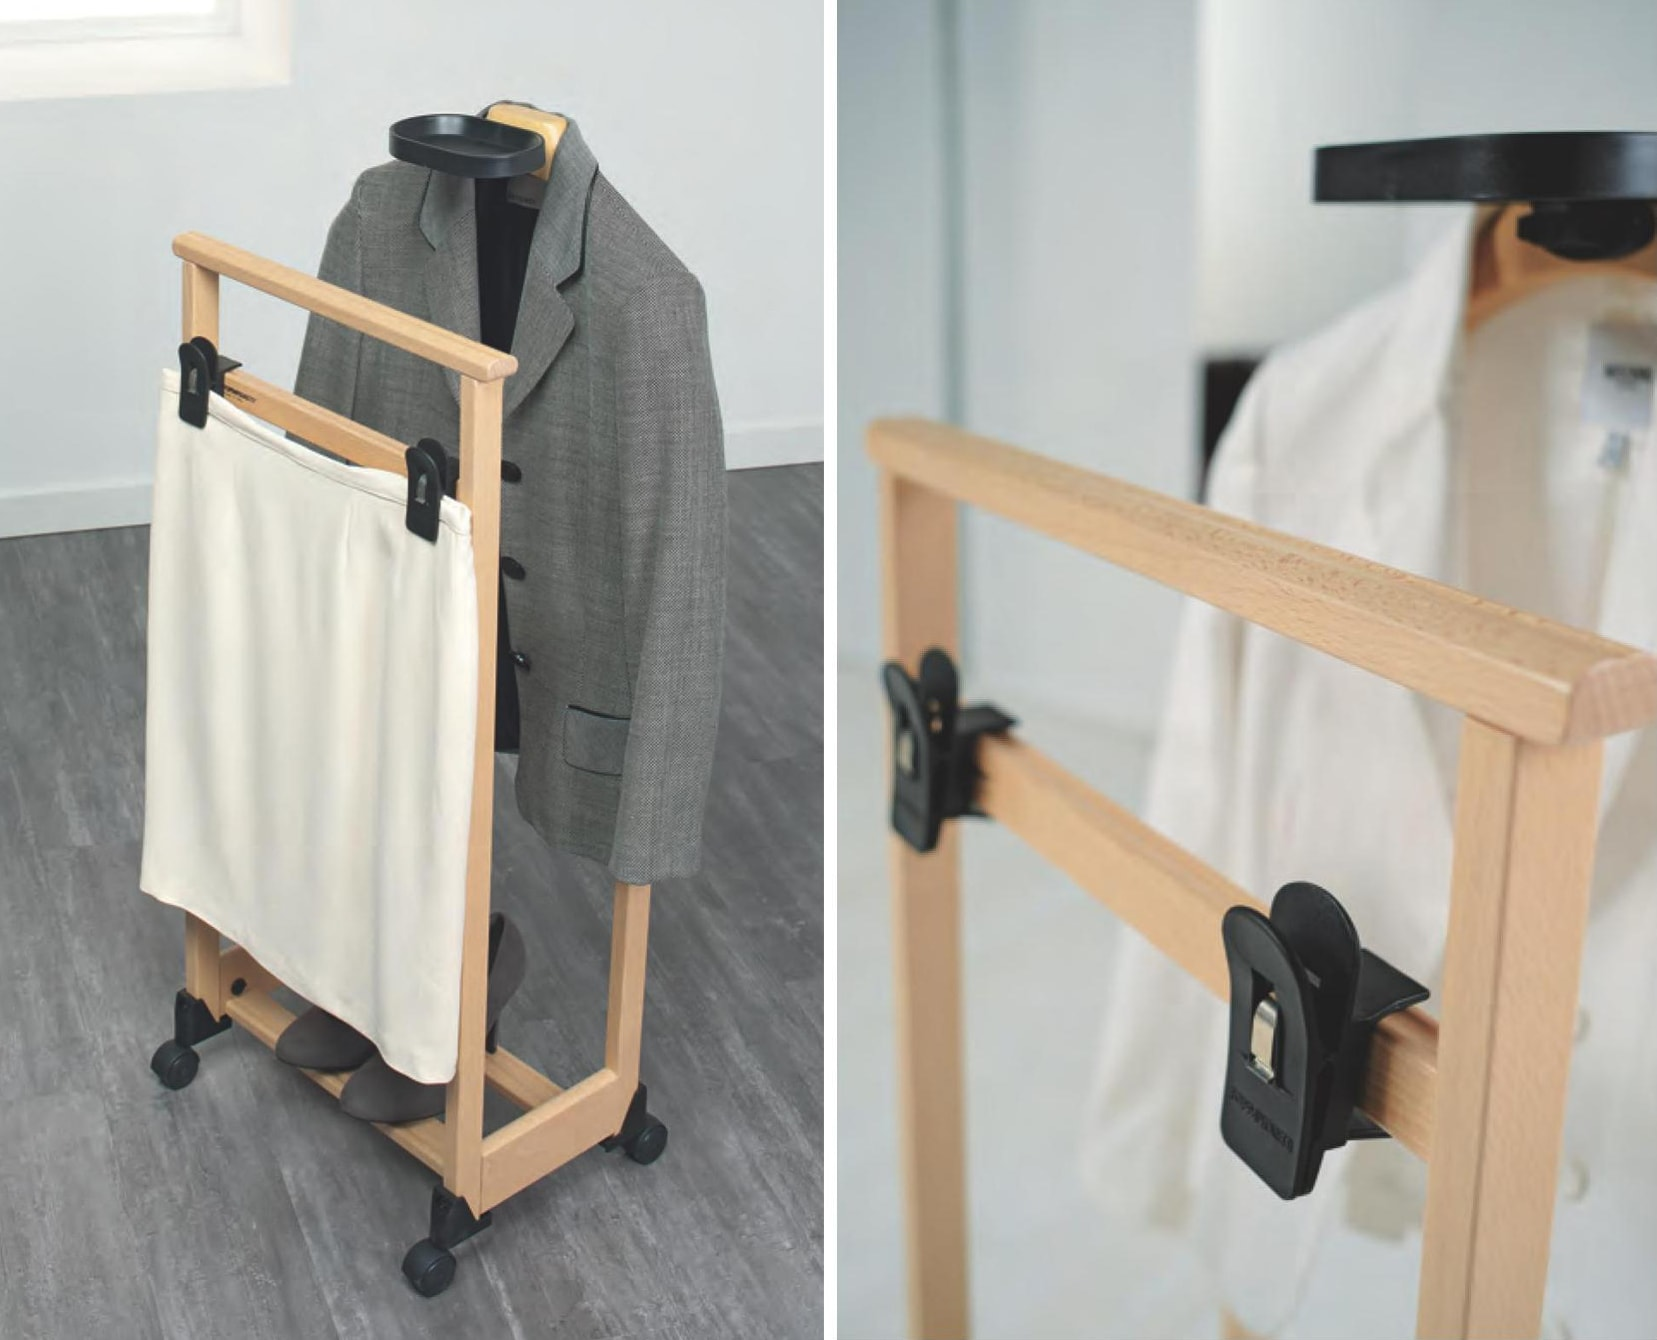 напольная вешалка для костюмов из дерева бук от Foppapedretti